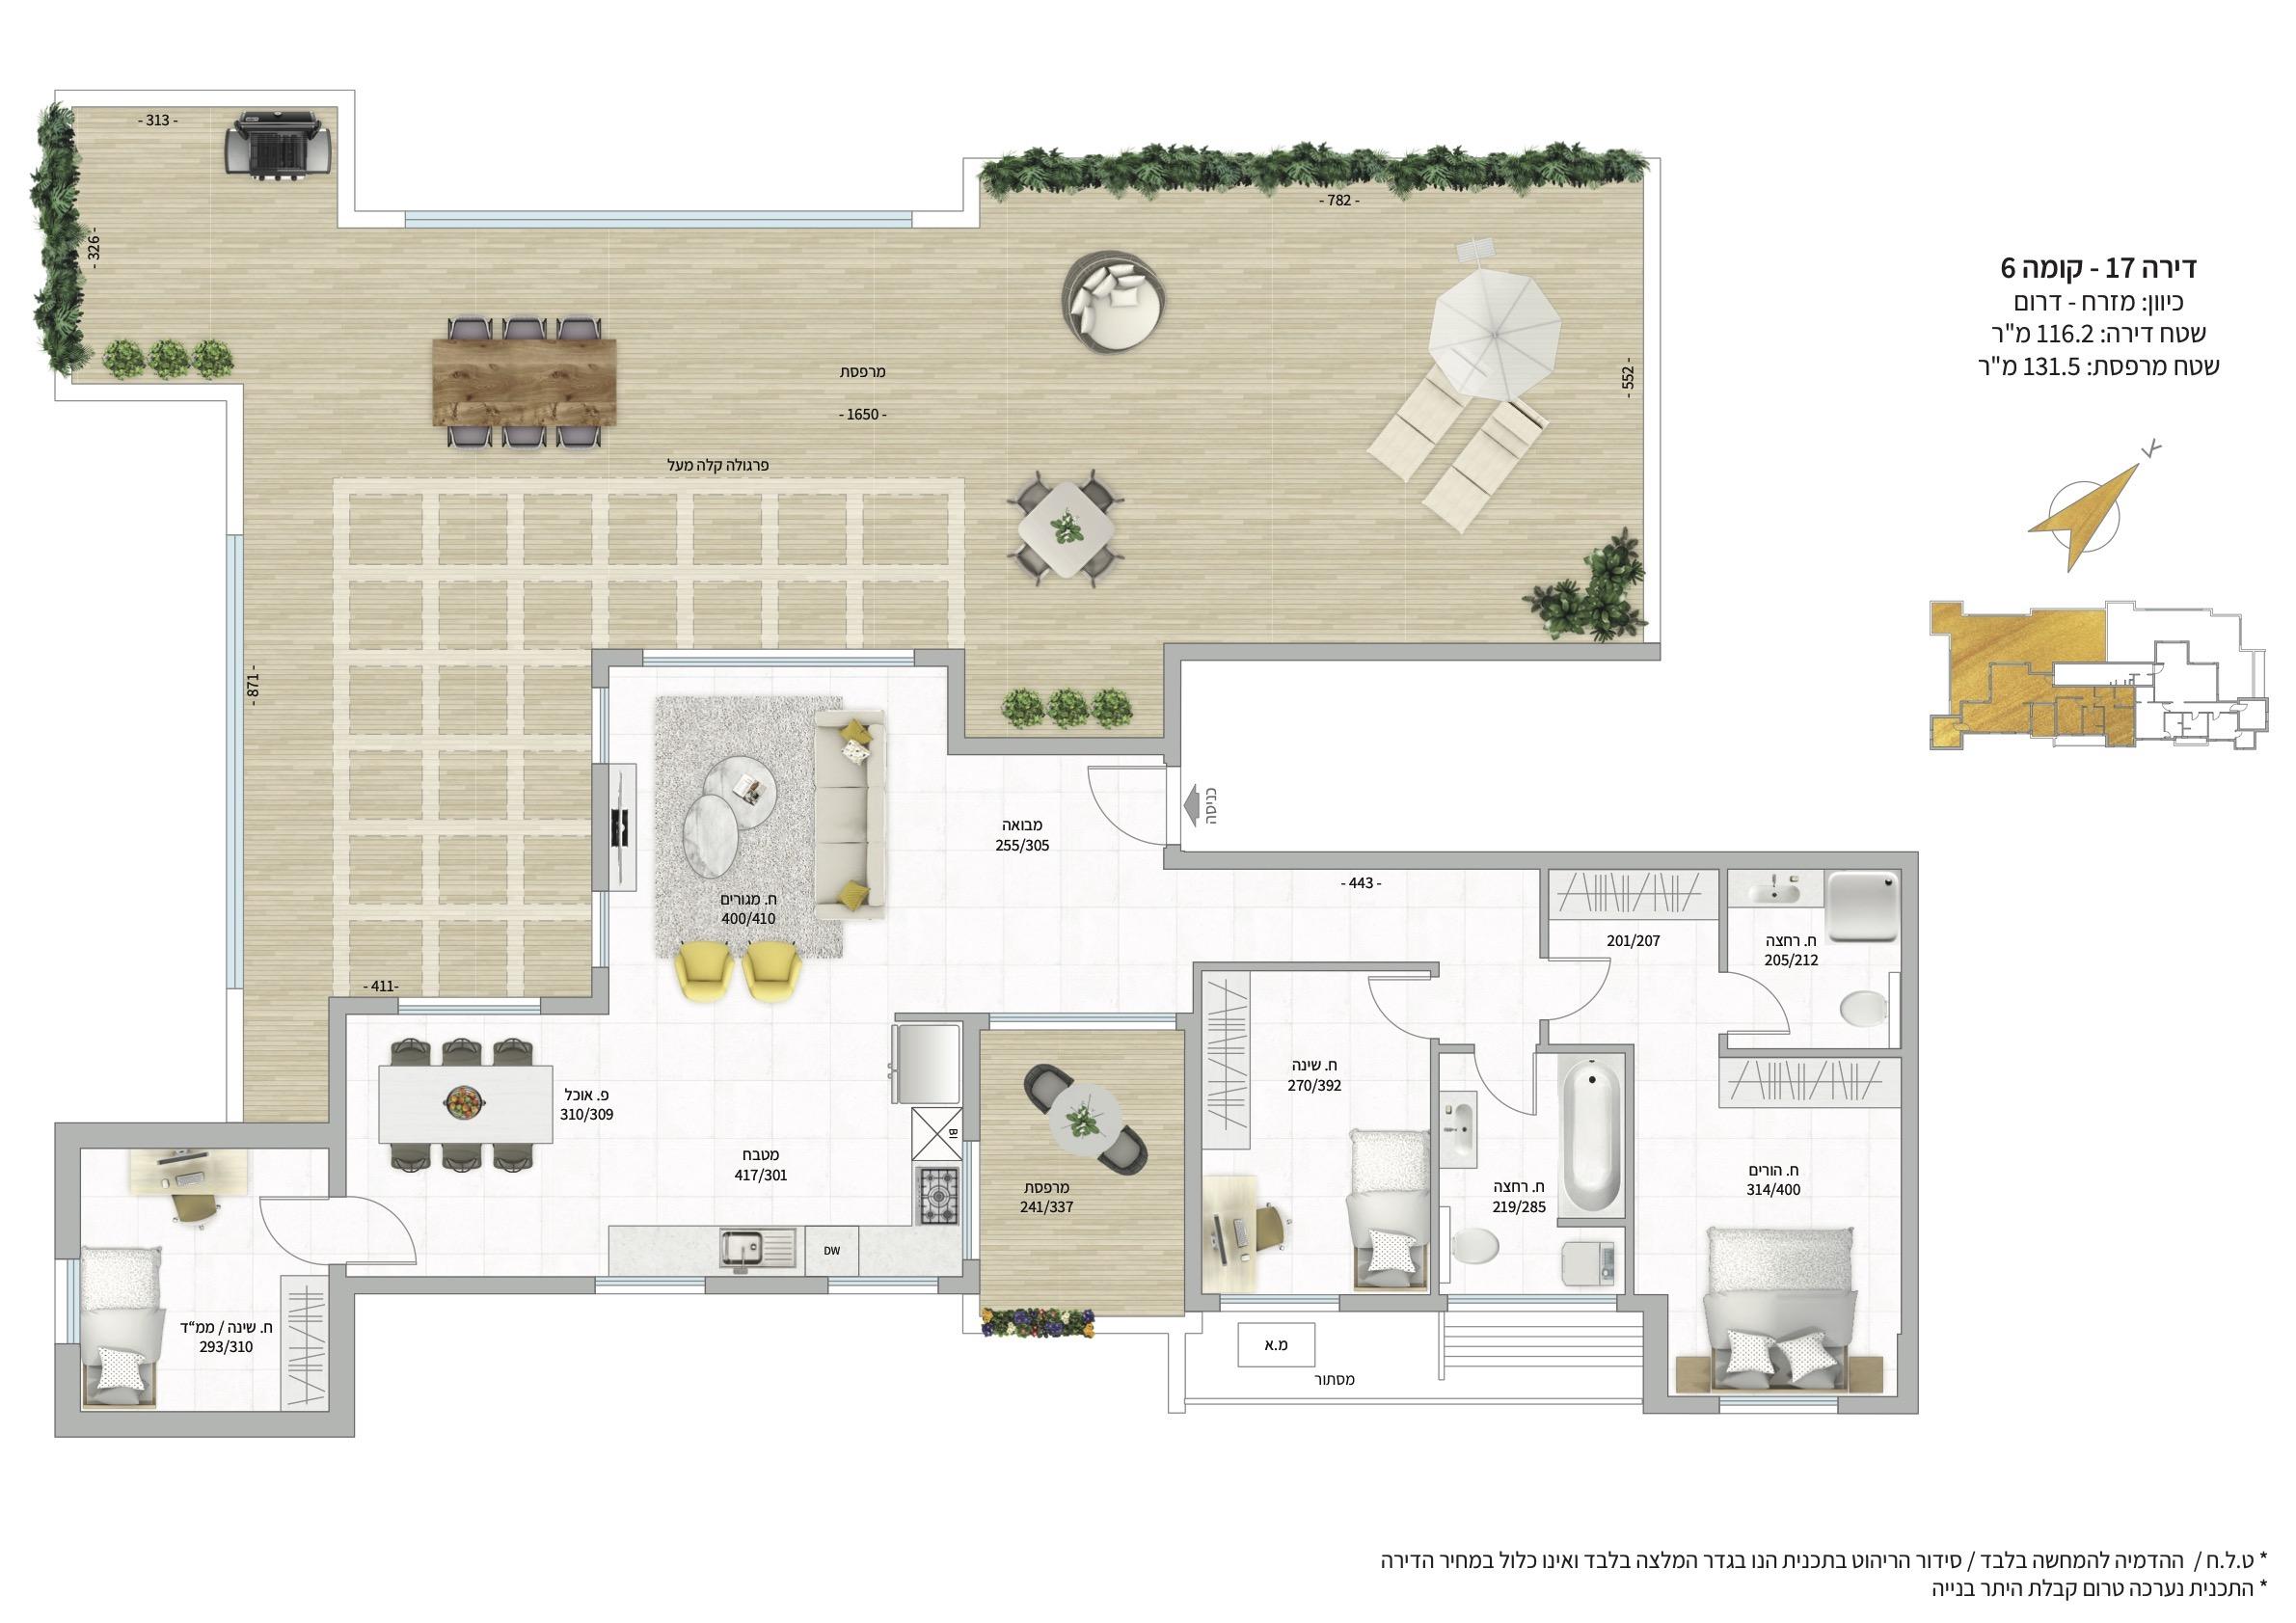 Penthouse 4 pièces de 116 m2 avec une terrasse de 131 m2